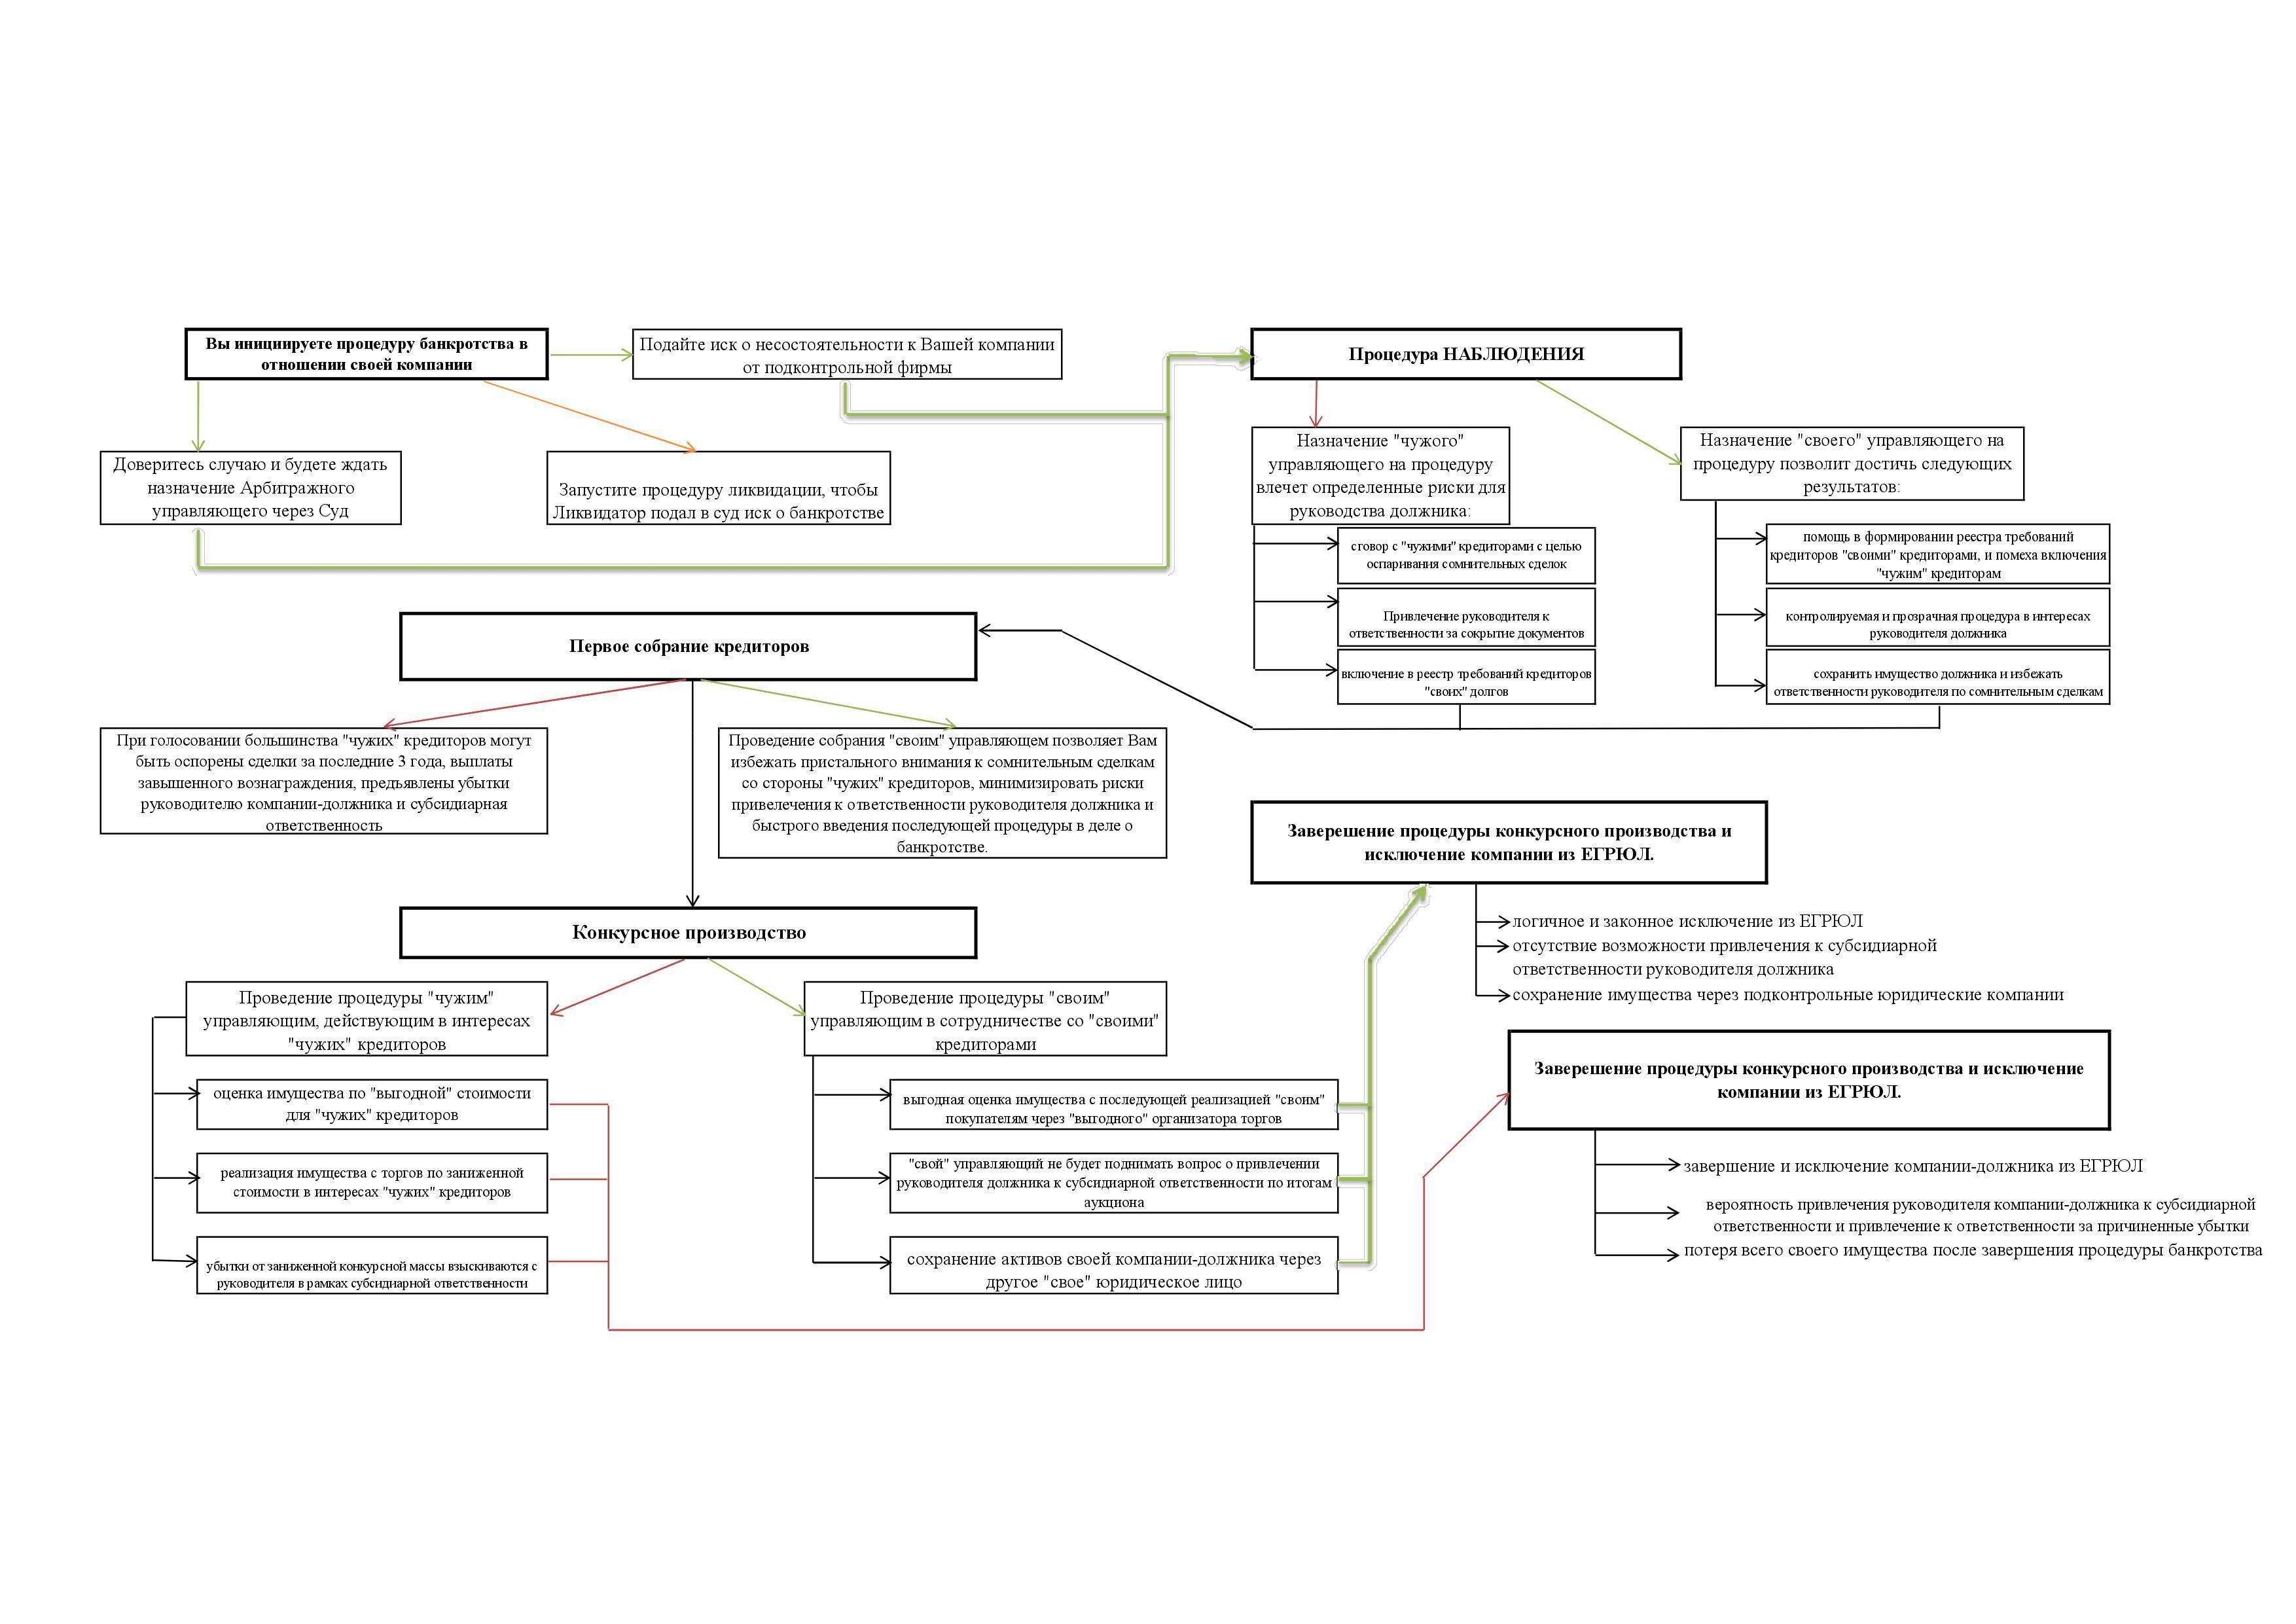 Налоговые отношения при процедуре банкротства